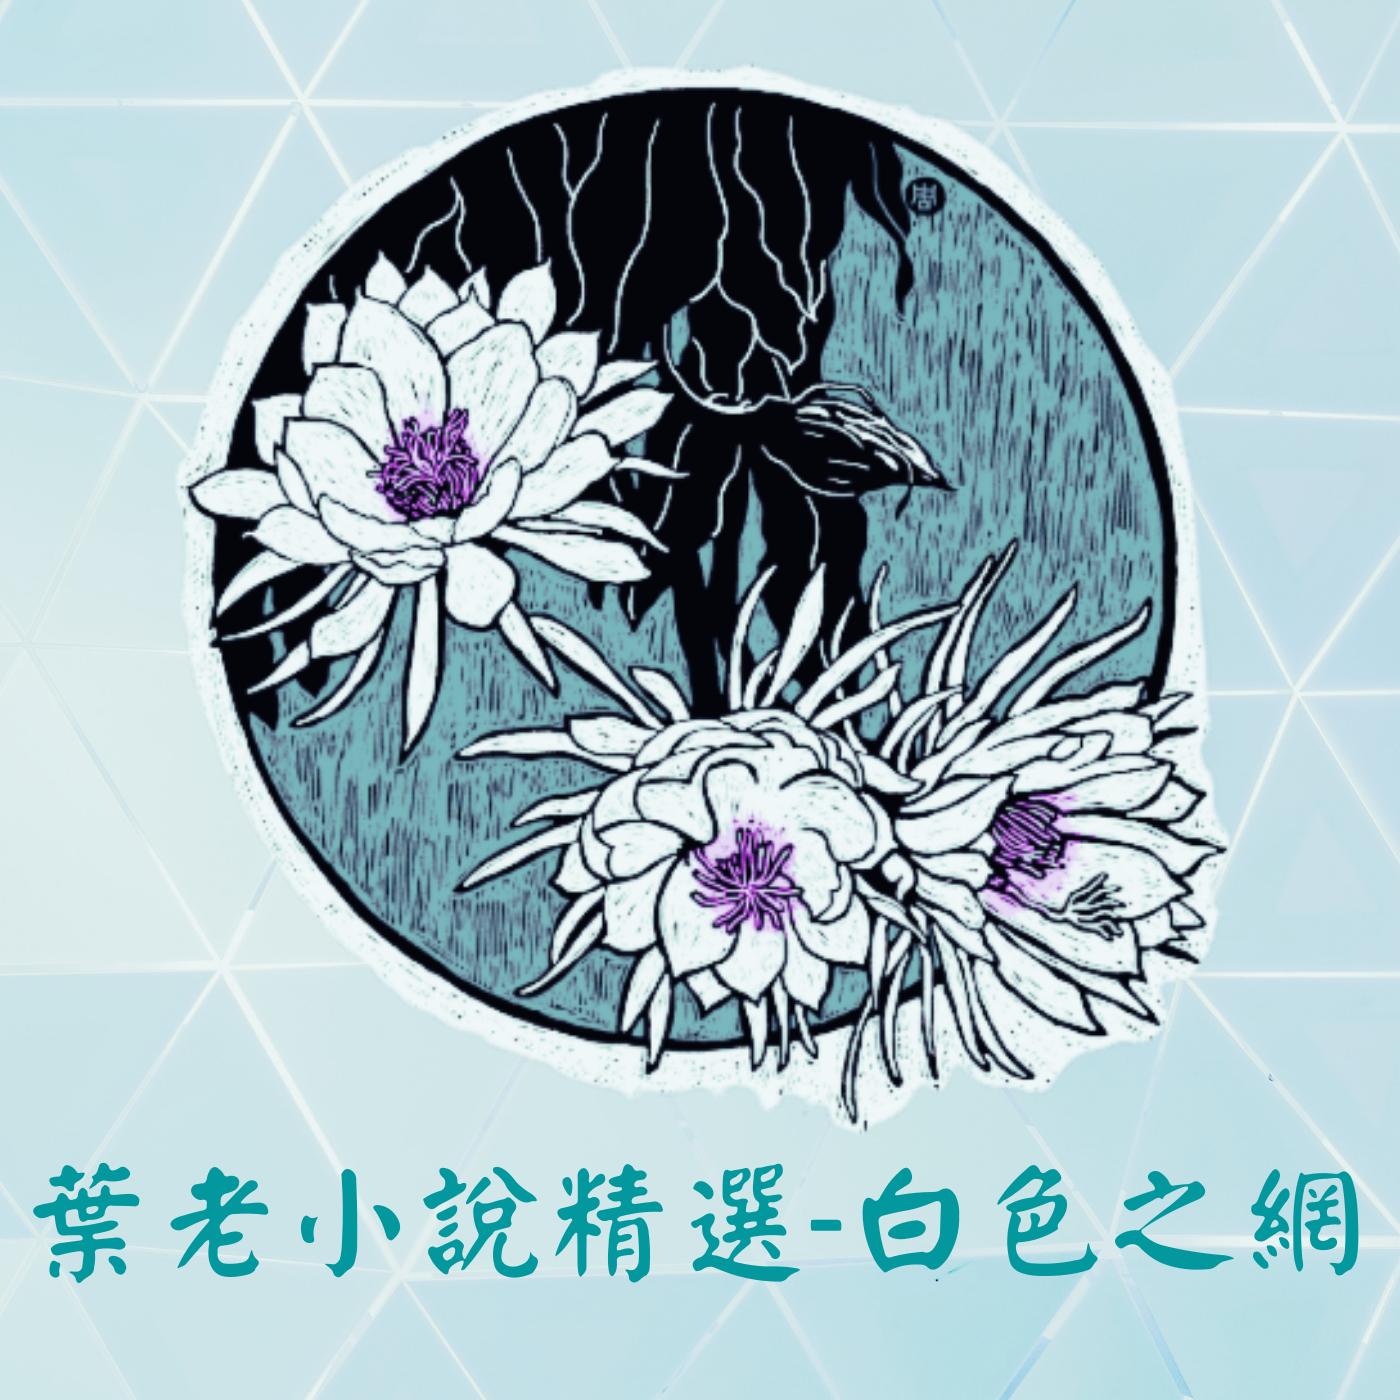 葉老小說精選-白色之網EP.4牆